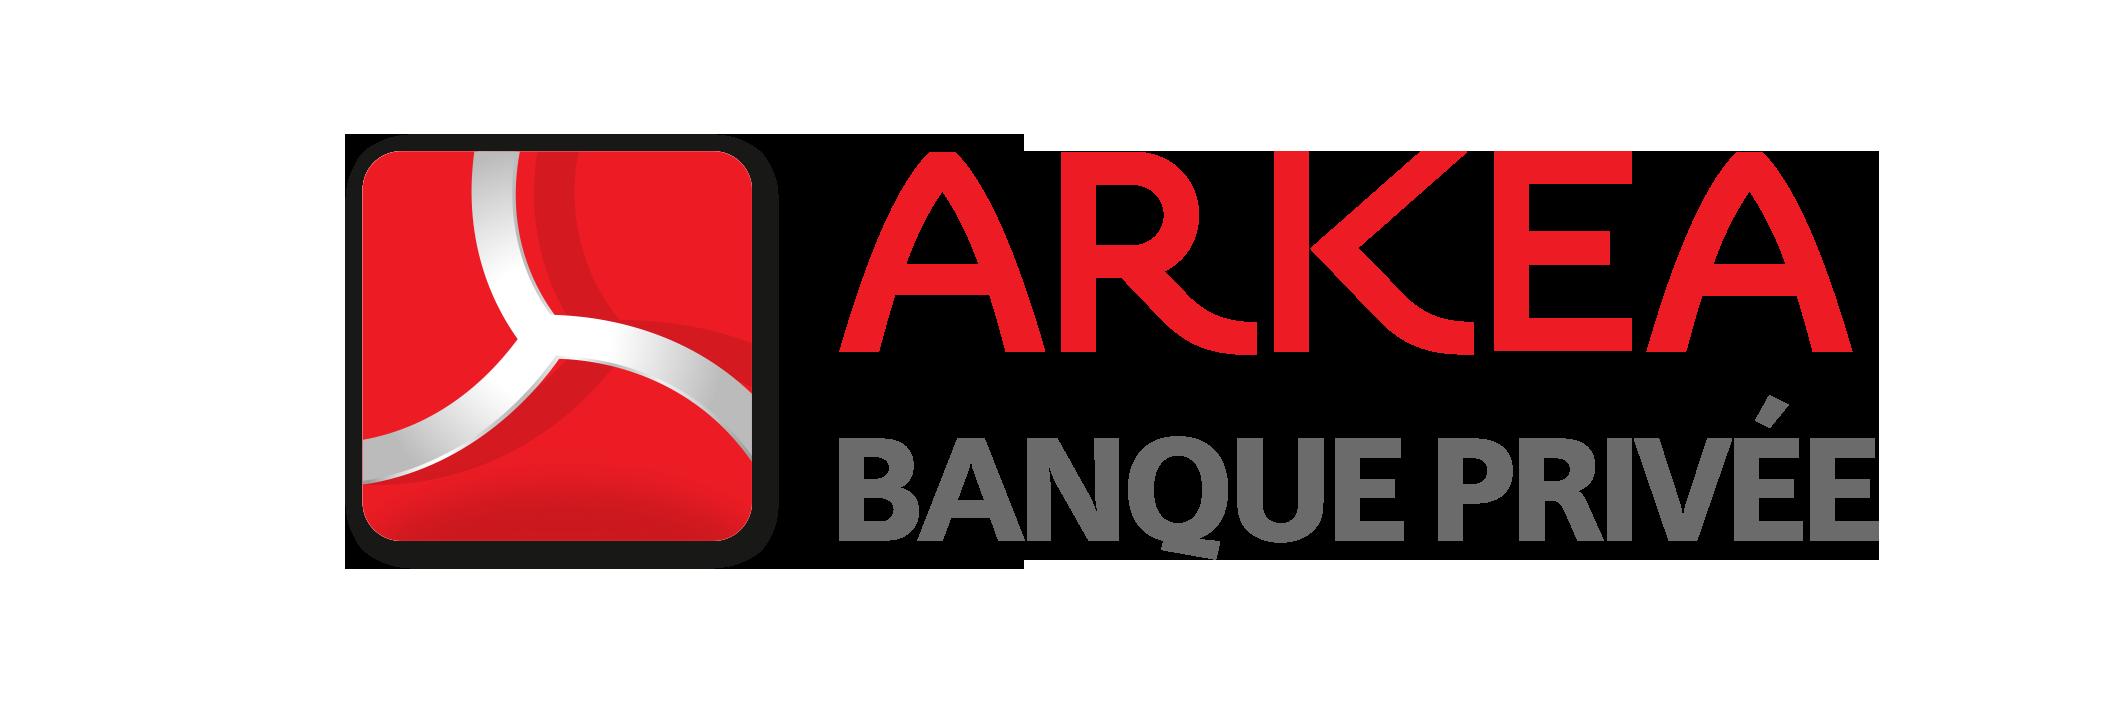 arkea banque privee